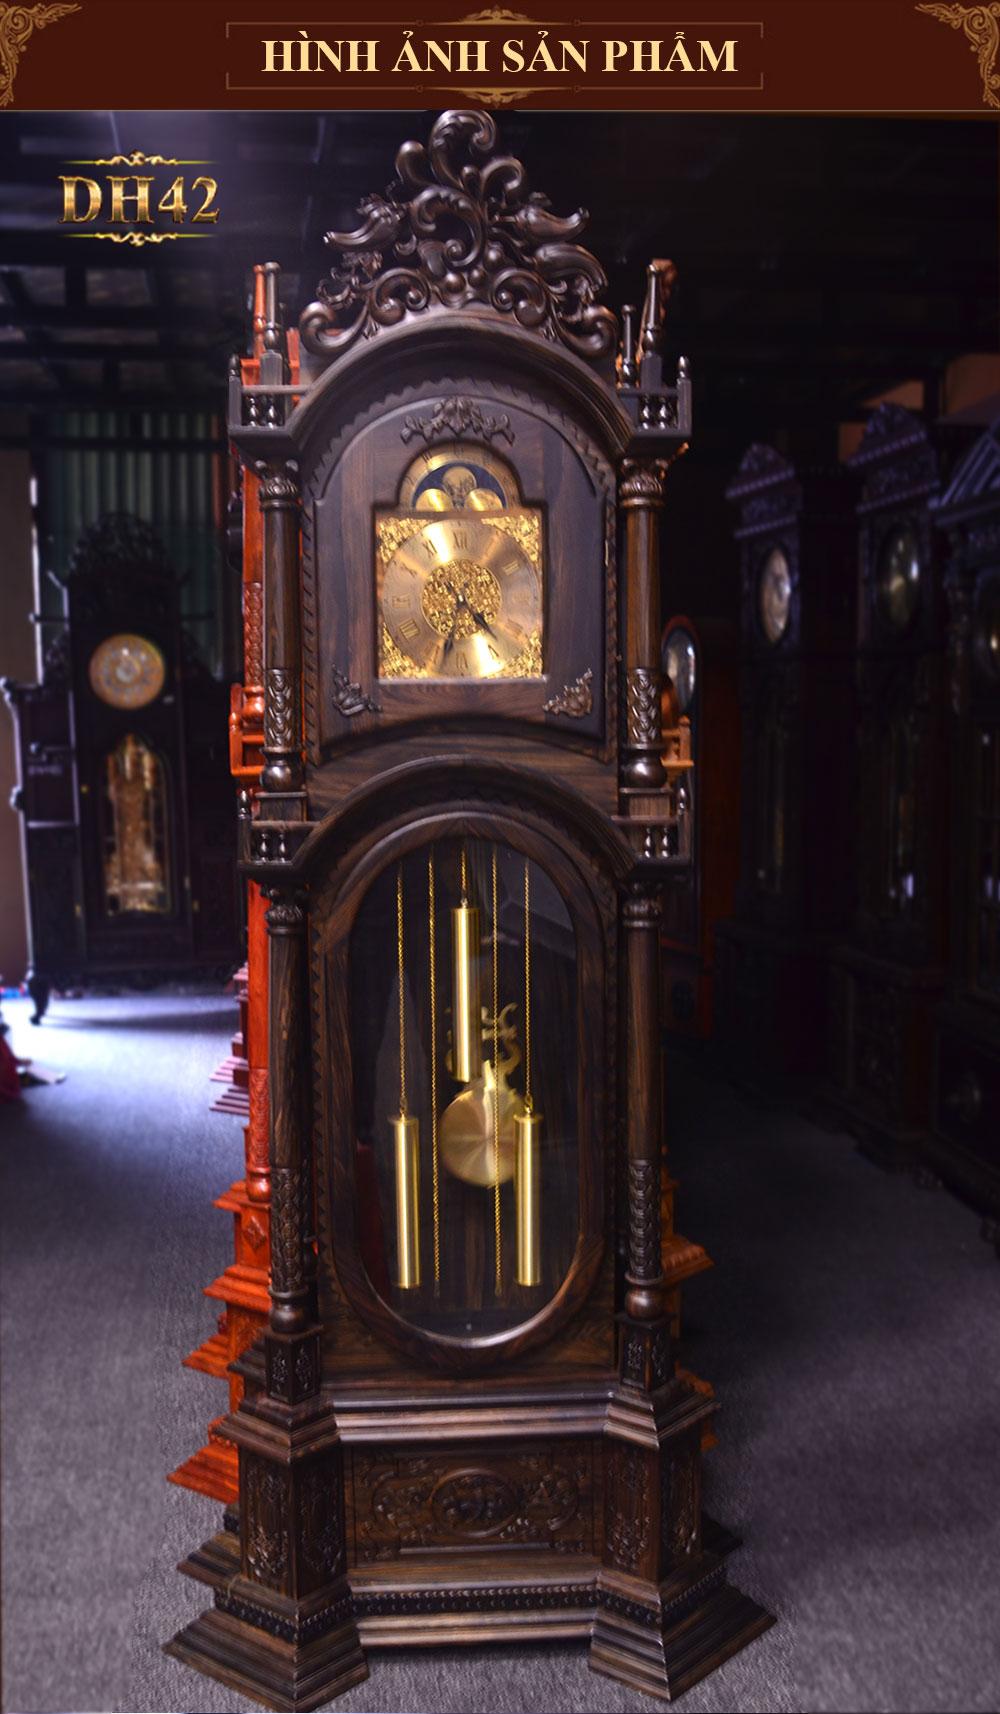 Đồng hồ cây tứ trụ gỗ mun hoa( loại đại) DH42